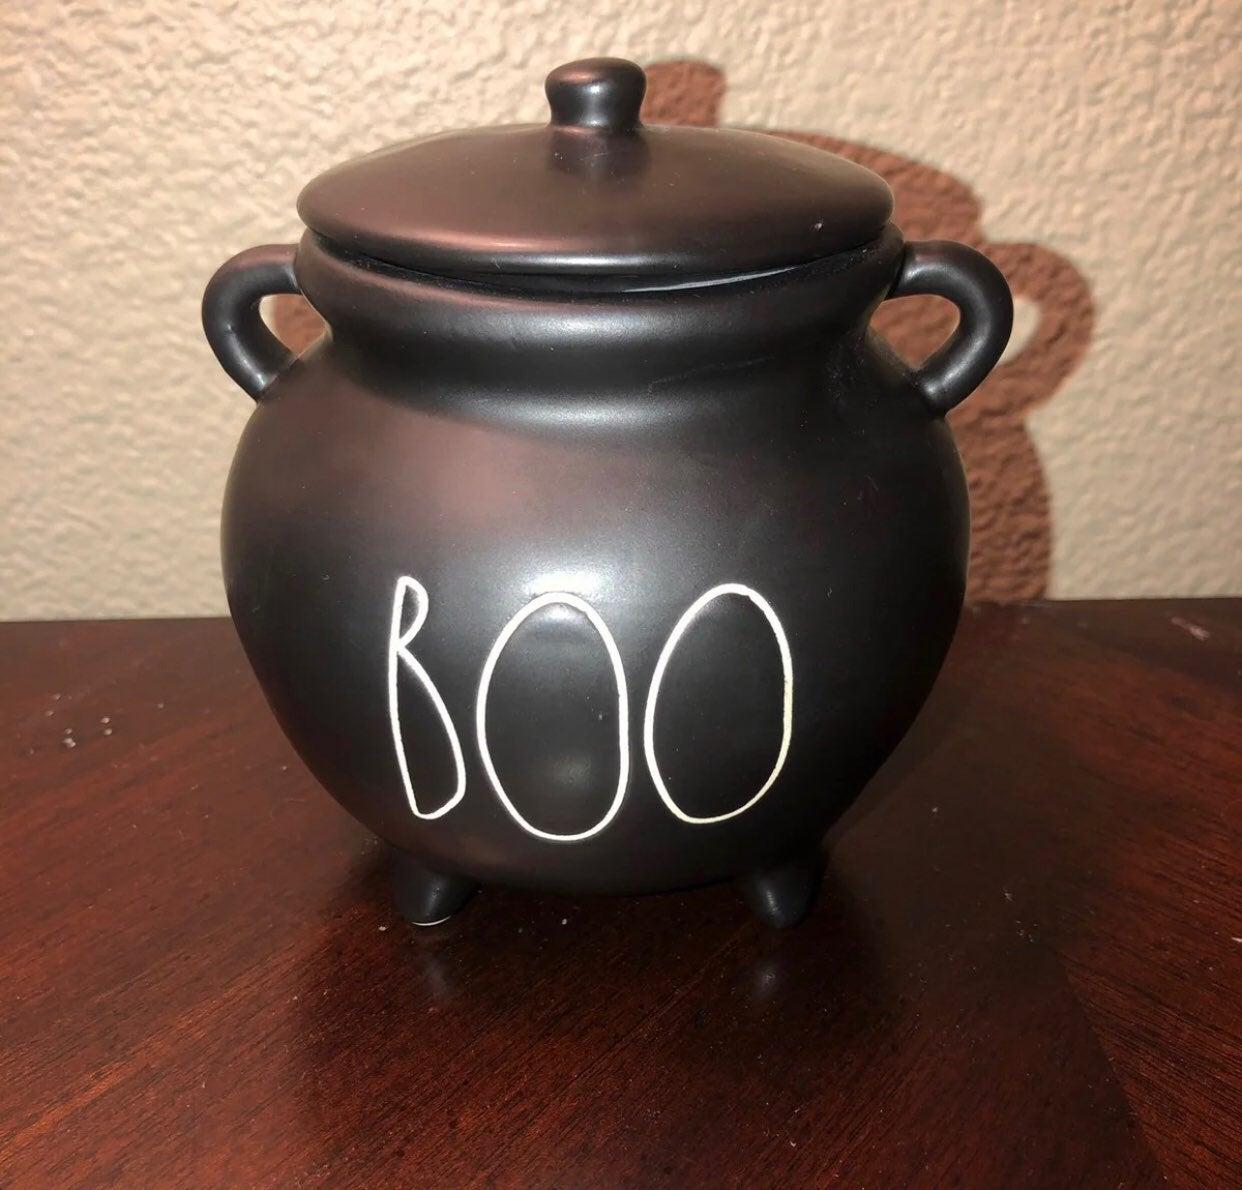 Rae dunn boo cauldron